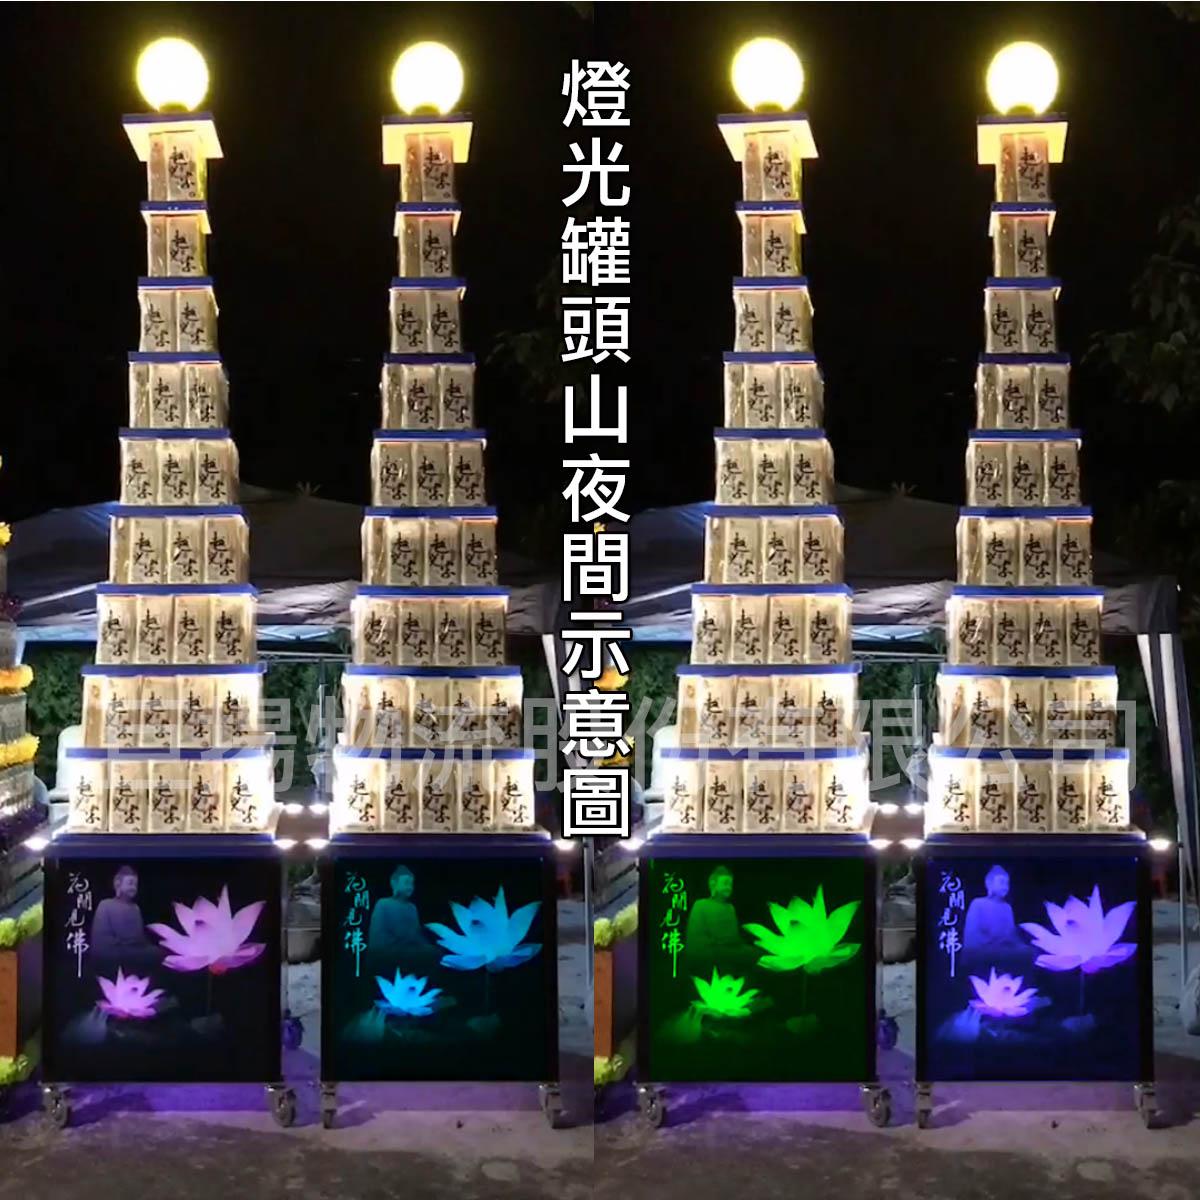 五層大牌飲料燈光罐頭塔蓮花led燈光柱3